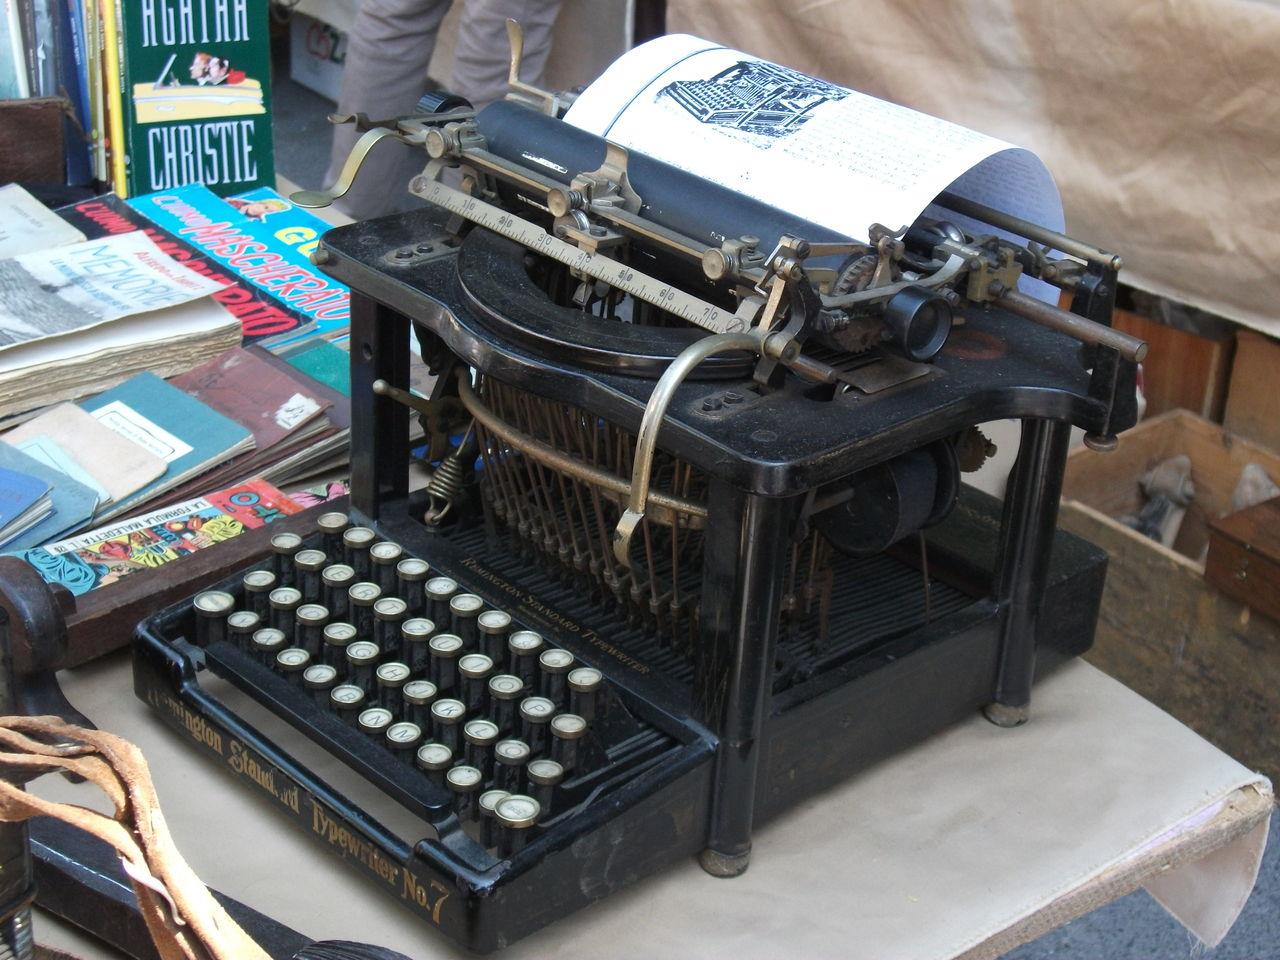 画像 050 古い機械を見るの大好きなんです(≧∀≦)上は定番のタイプライターですね。...